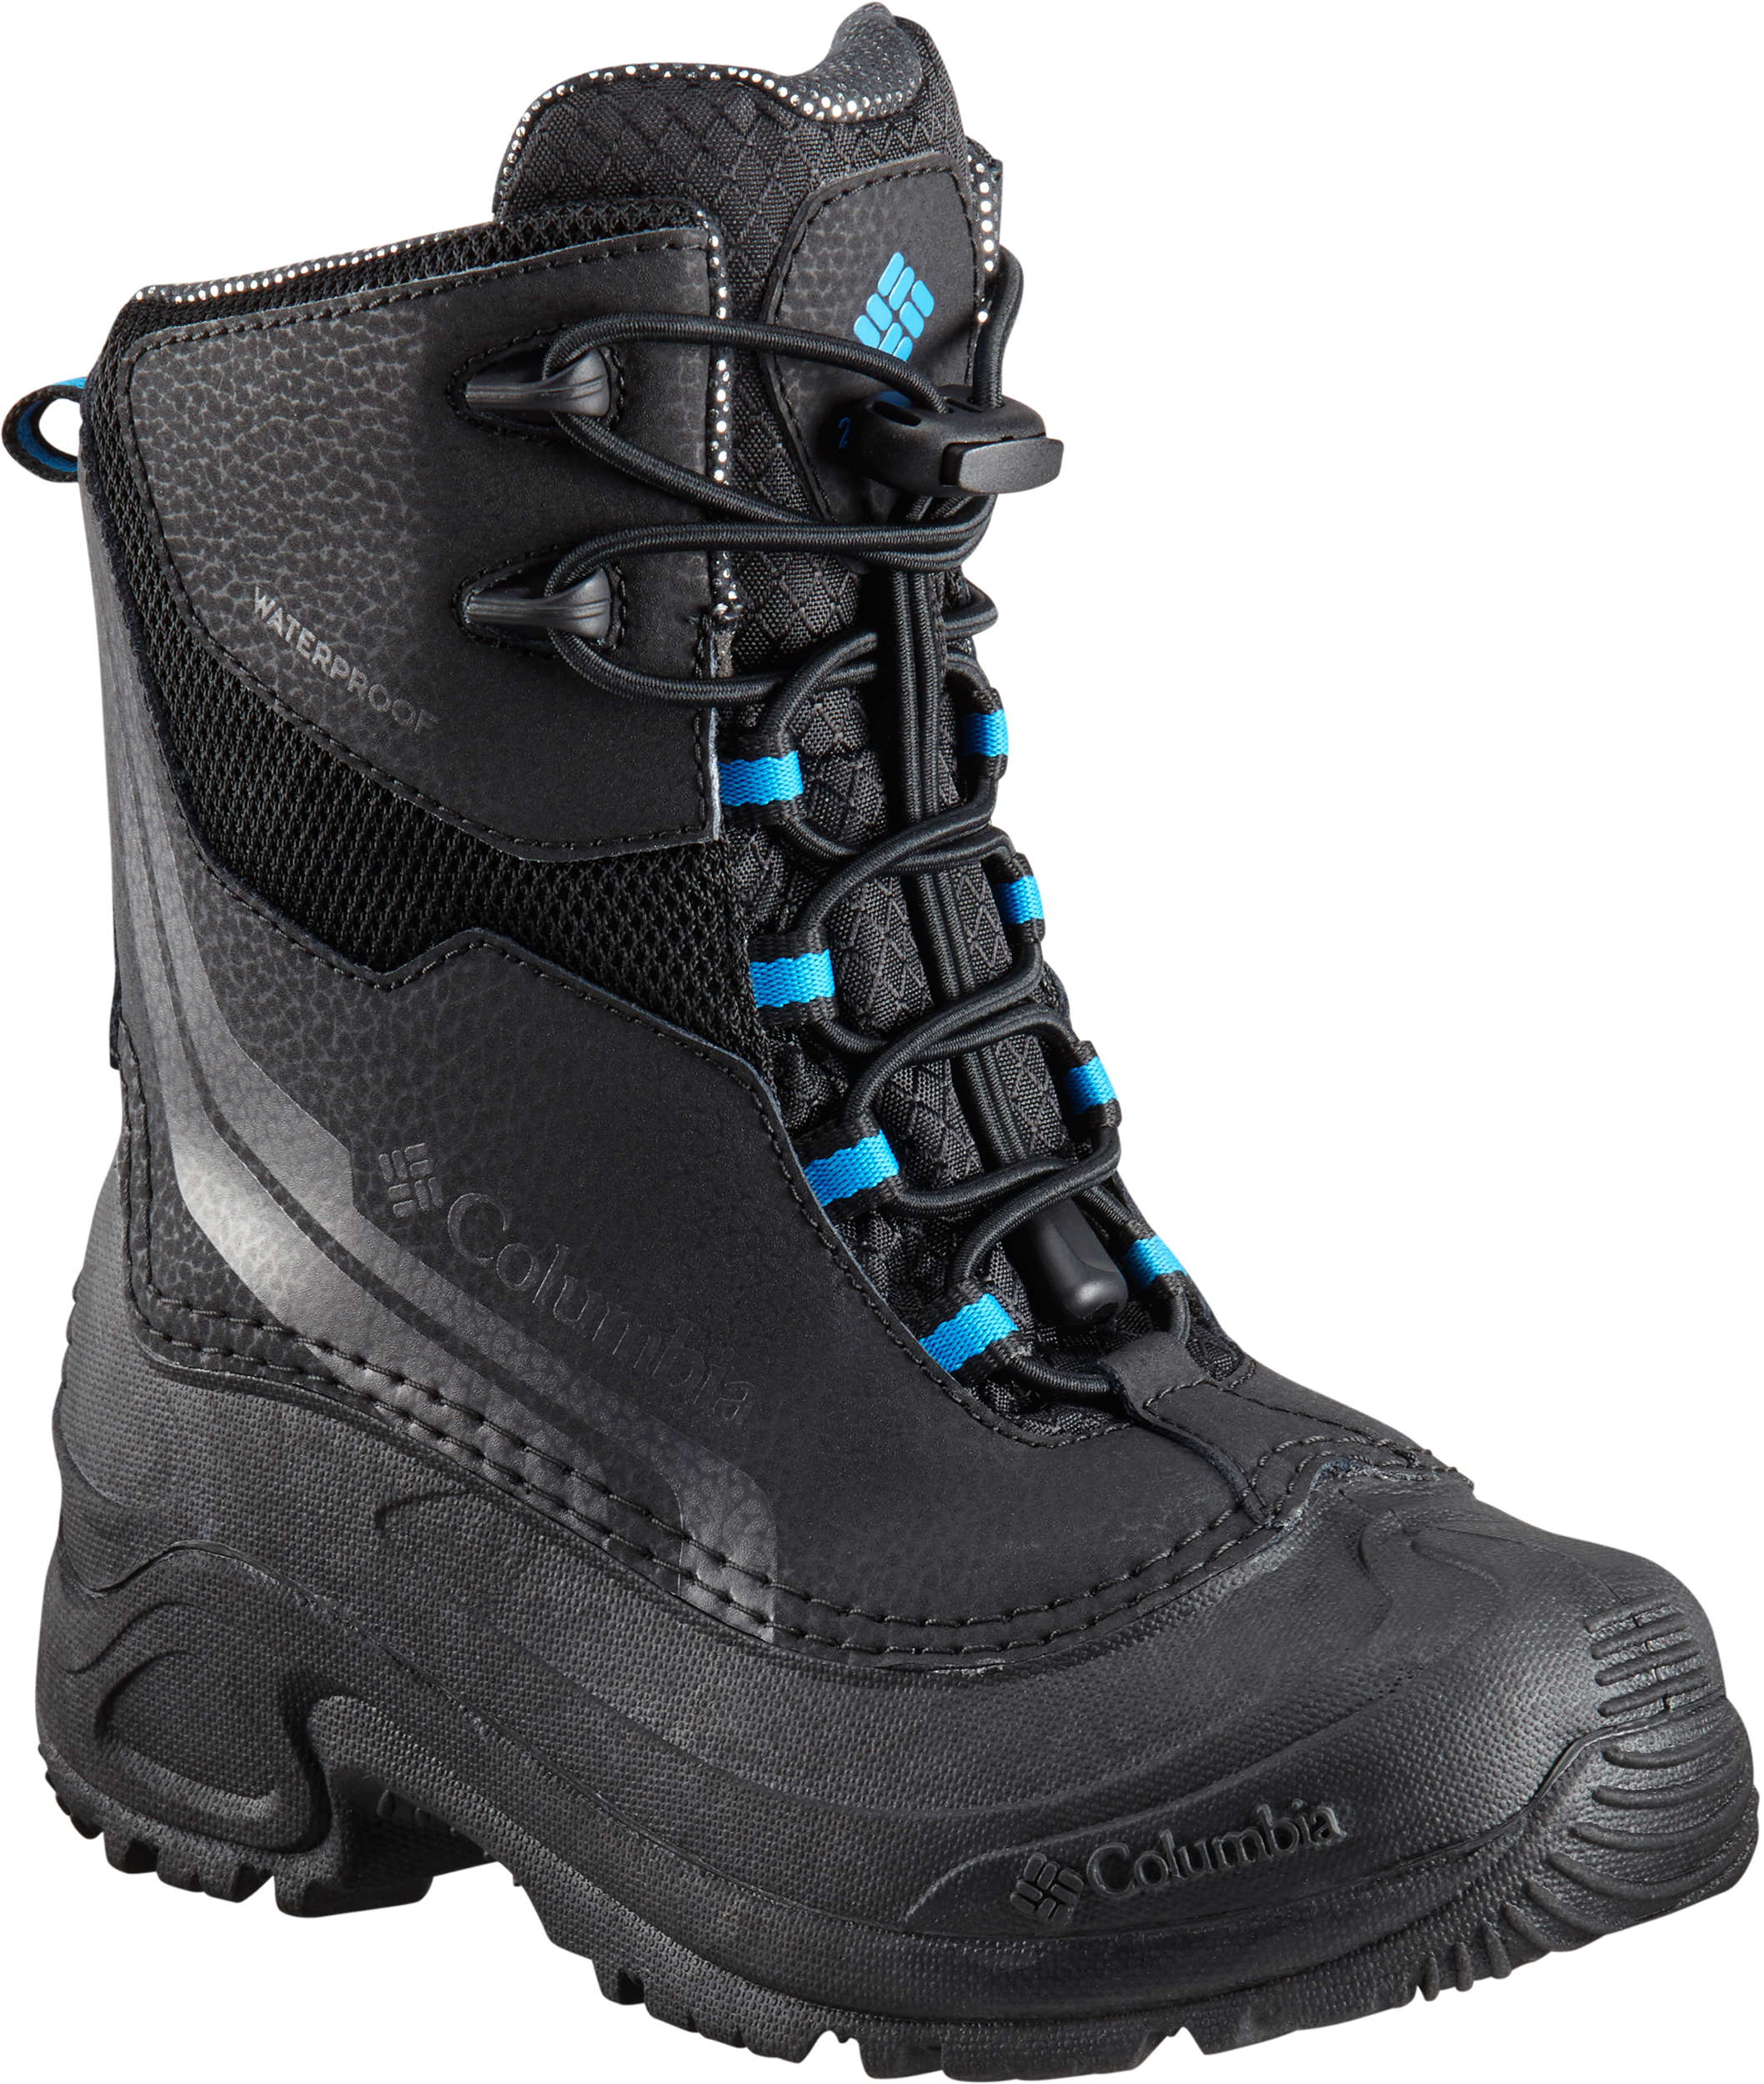 d628c3b41ca Winter boots | MEC